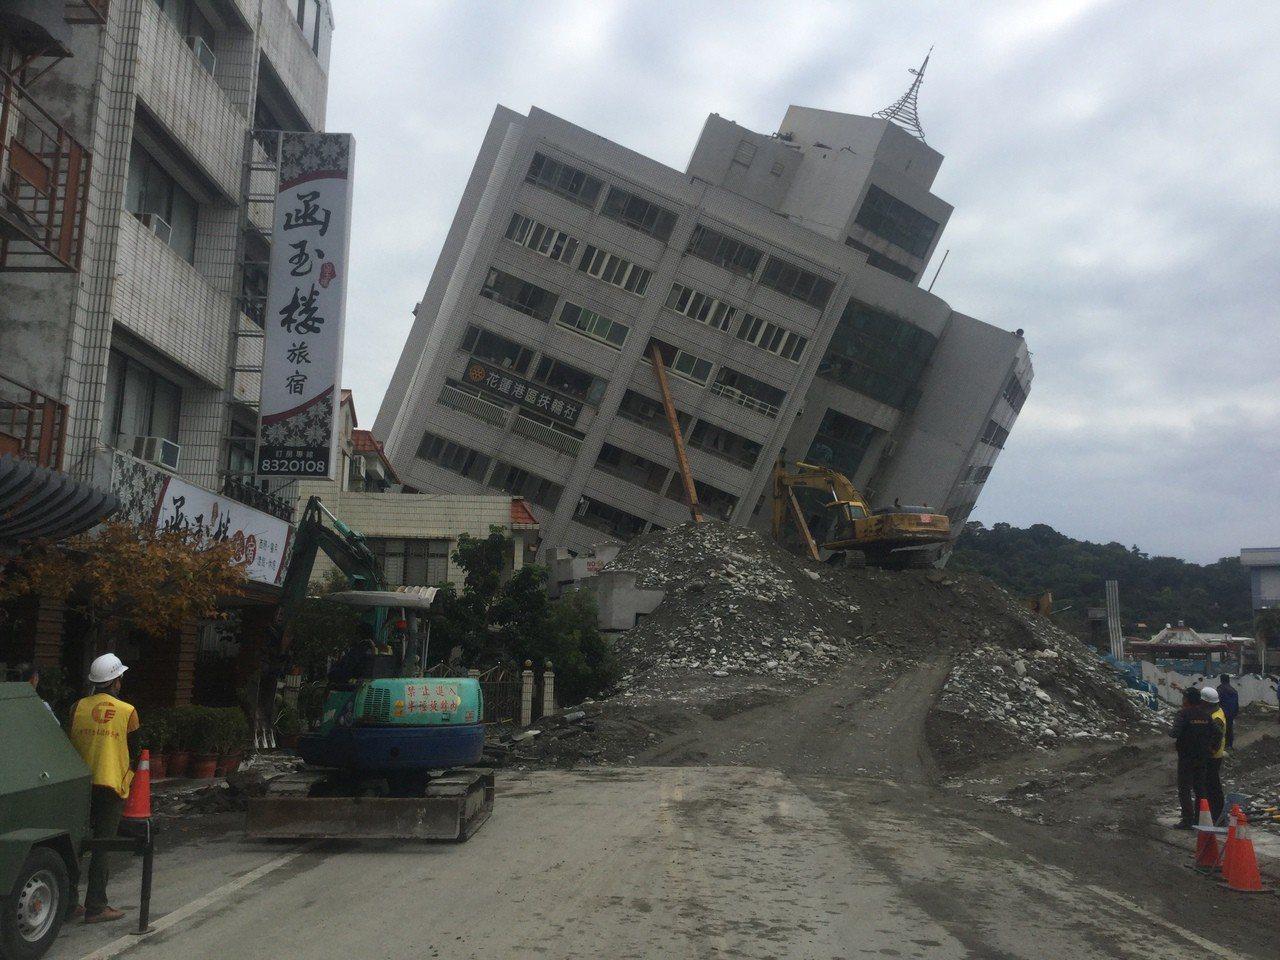 花蓮市雲門翠堤大樓,目前現場堆置2000多立方公尺土方,仍不及目標的一半,今天恐怕還無法進行拆除。記者陳俊智/攝影